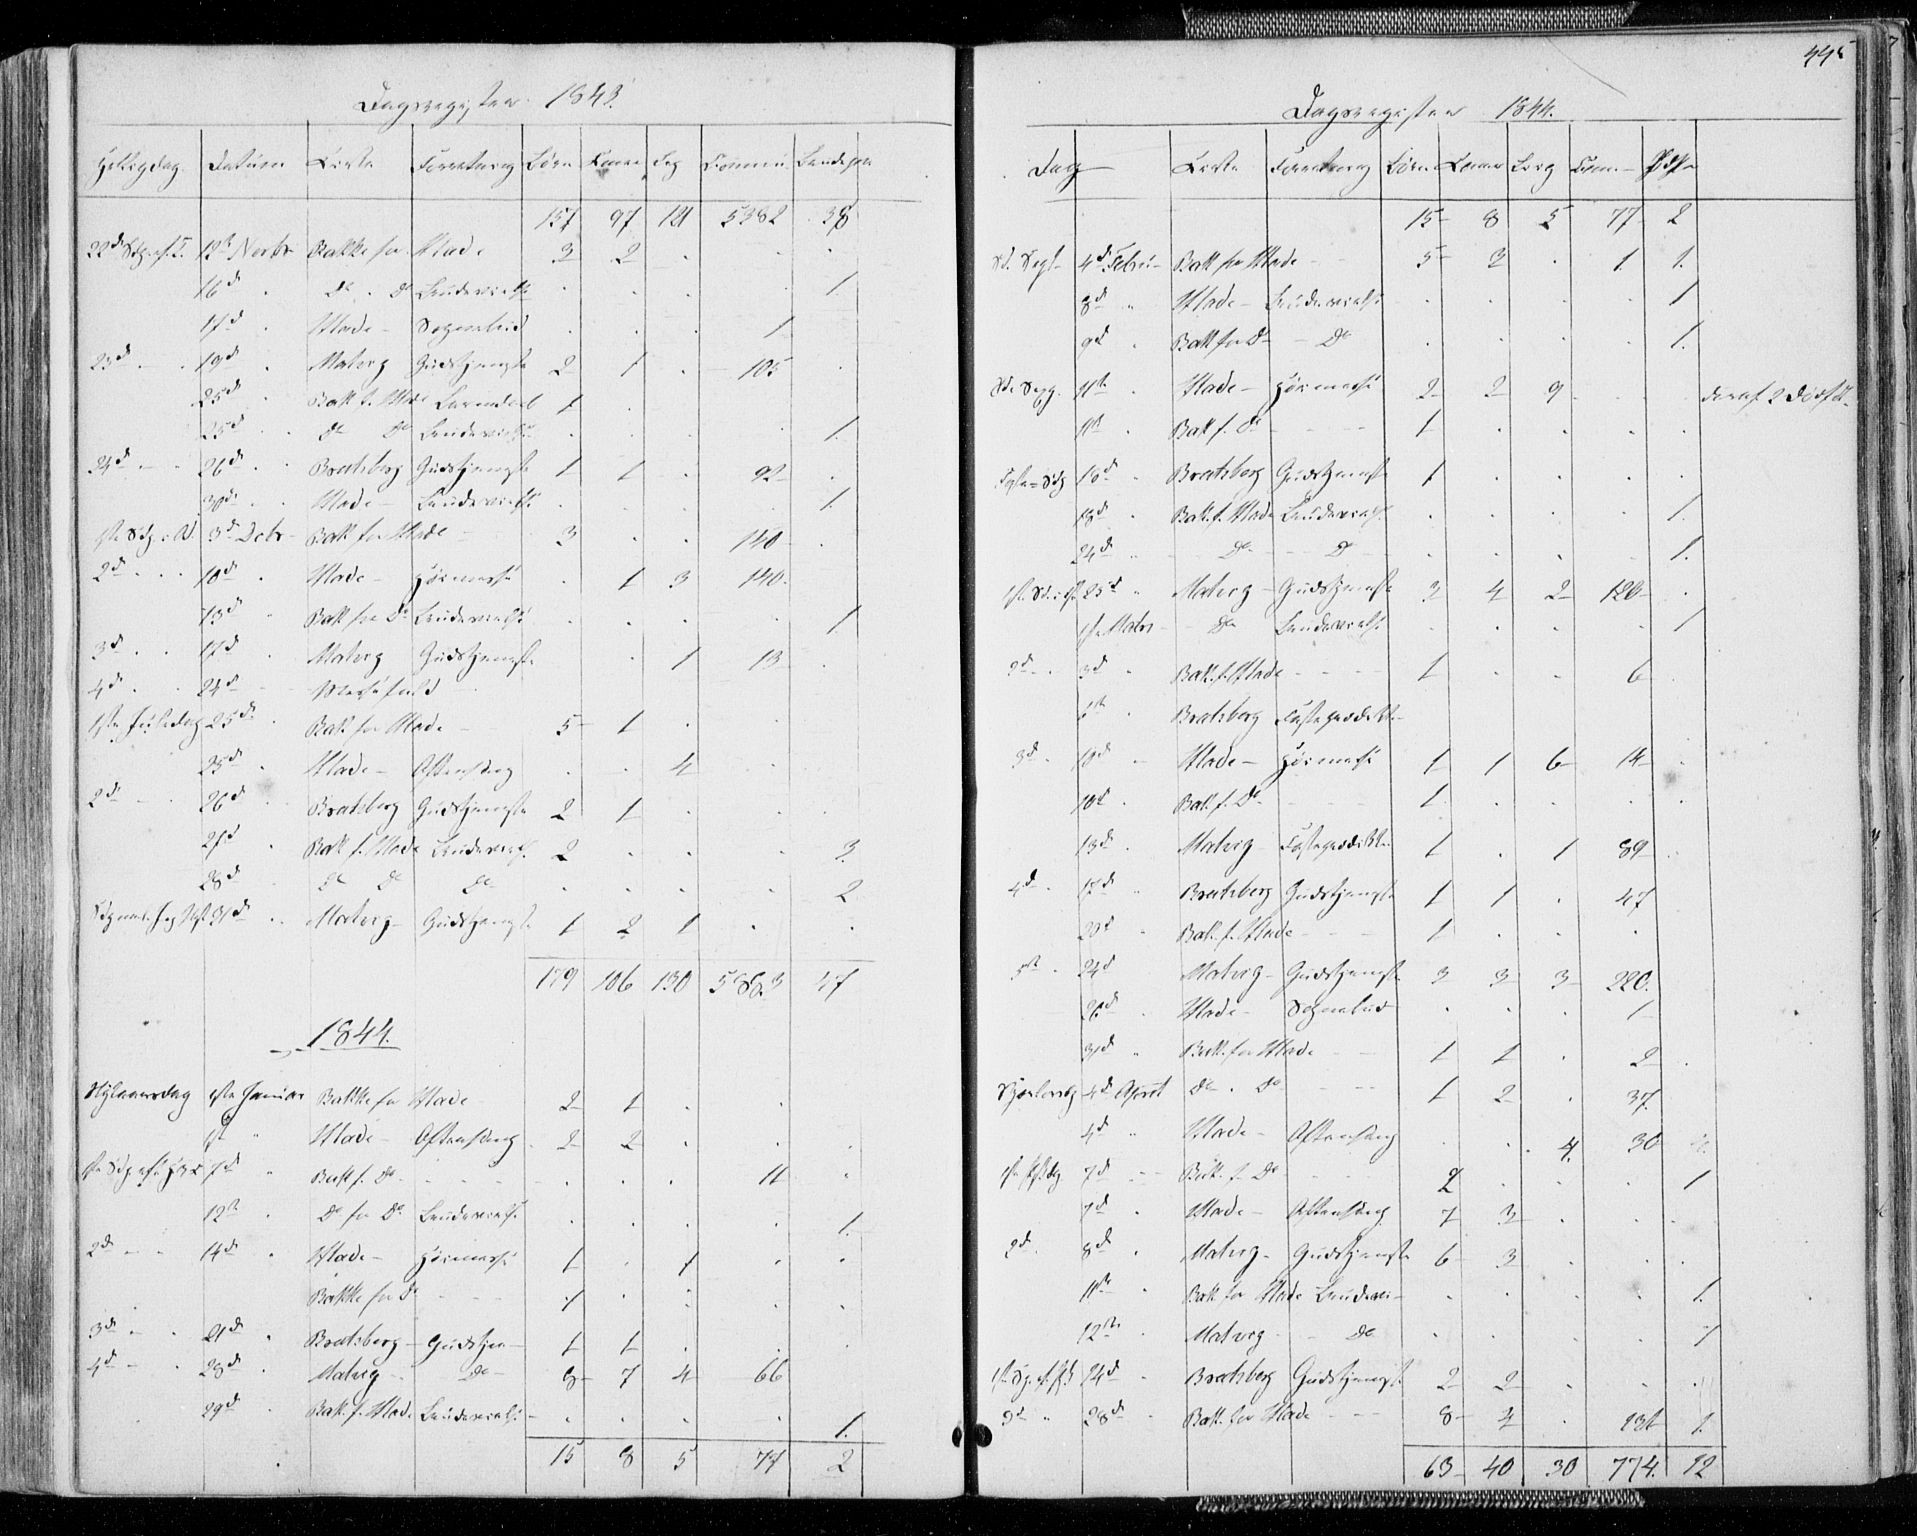 SAT, Ministerialprotokoller, klokkerbøker og fødselsregistre - Sør-Trøndelag, 606/L0290: Ministerialbok nr. 606A05, 1841-1847, s. 445